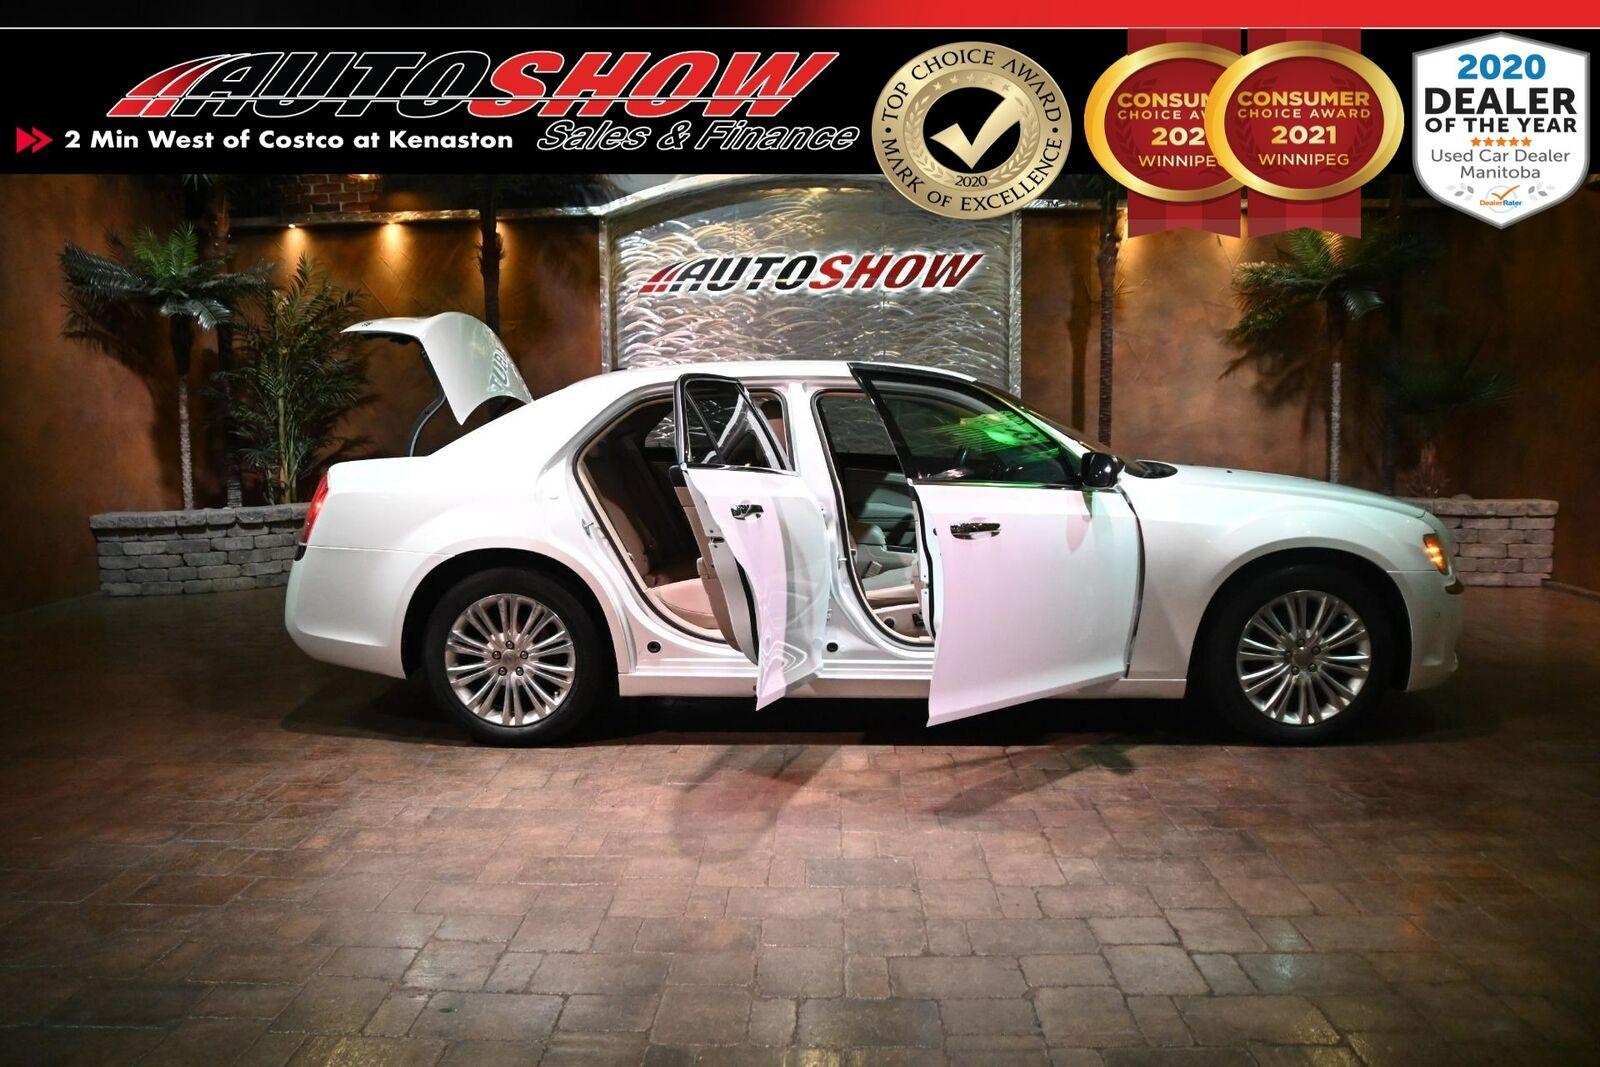 2012 Chrysler 300 for sale!